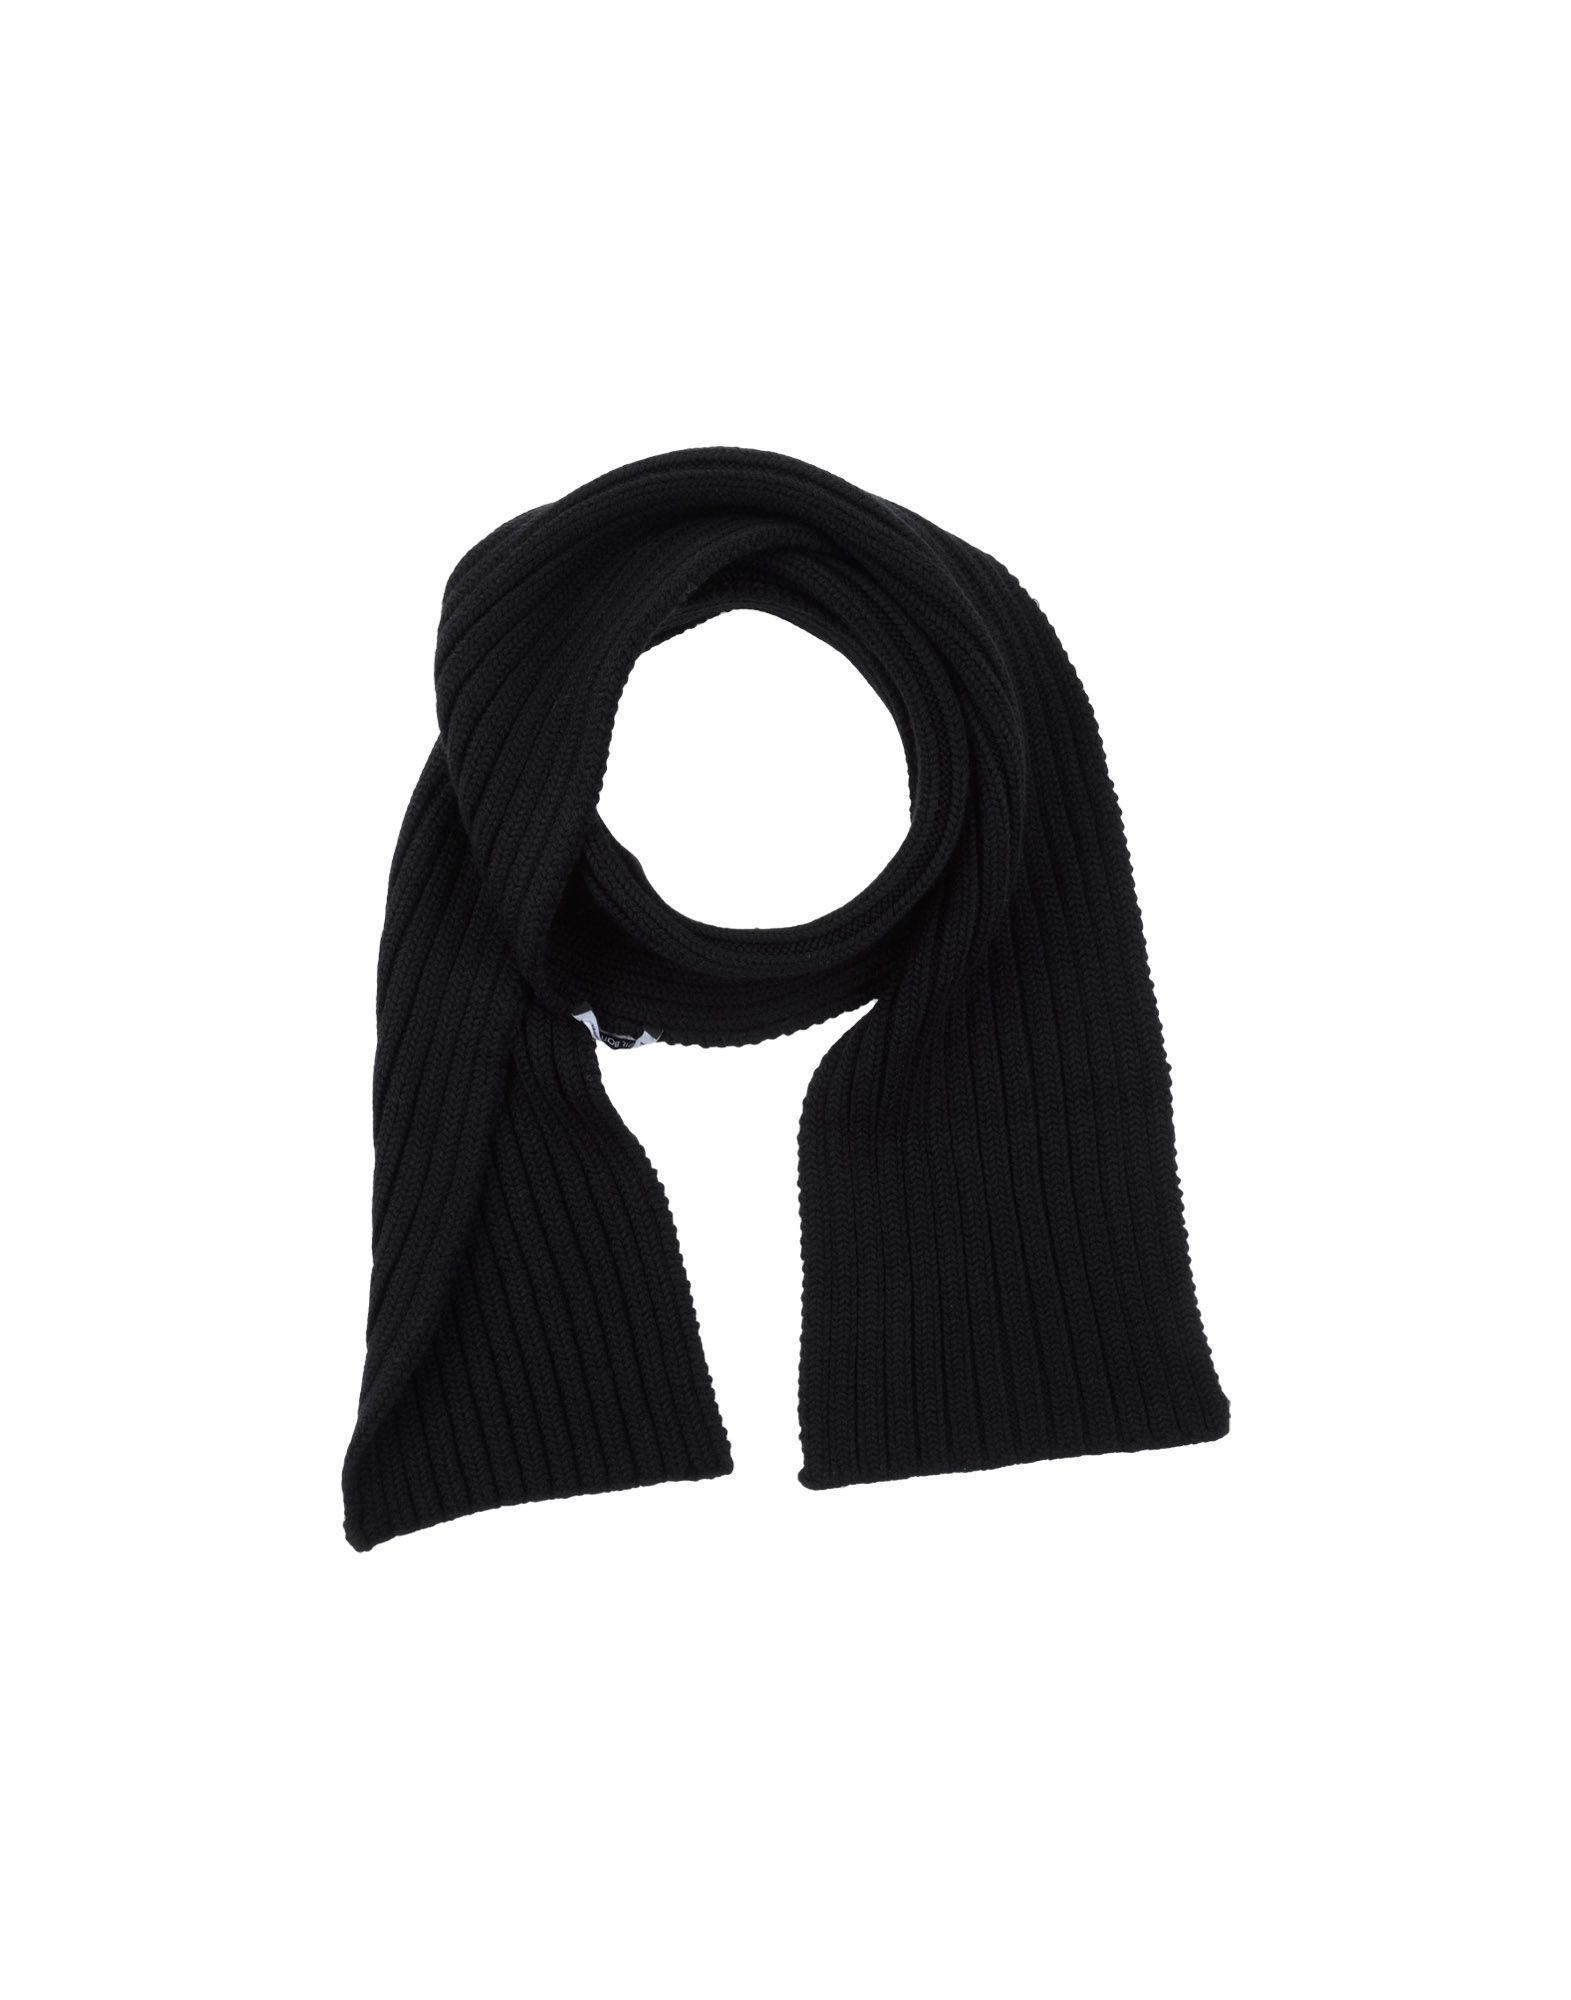 ACCESSORIES - Oblong scarves Petit Bateau nVOidsxmJM